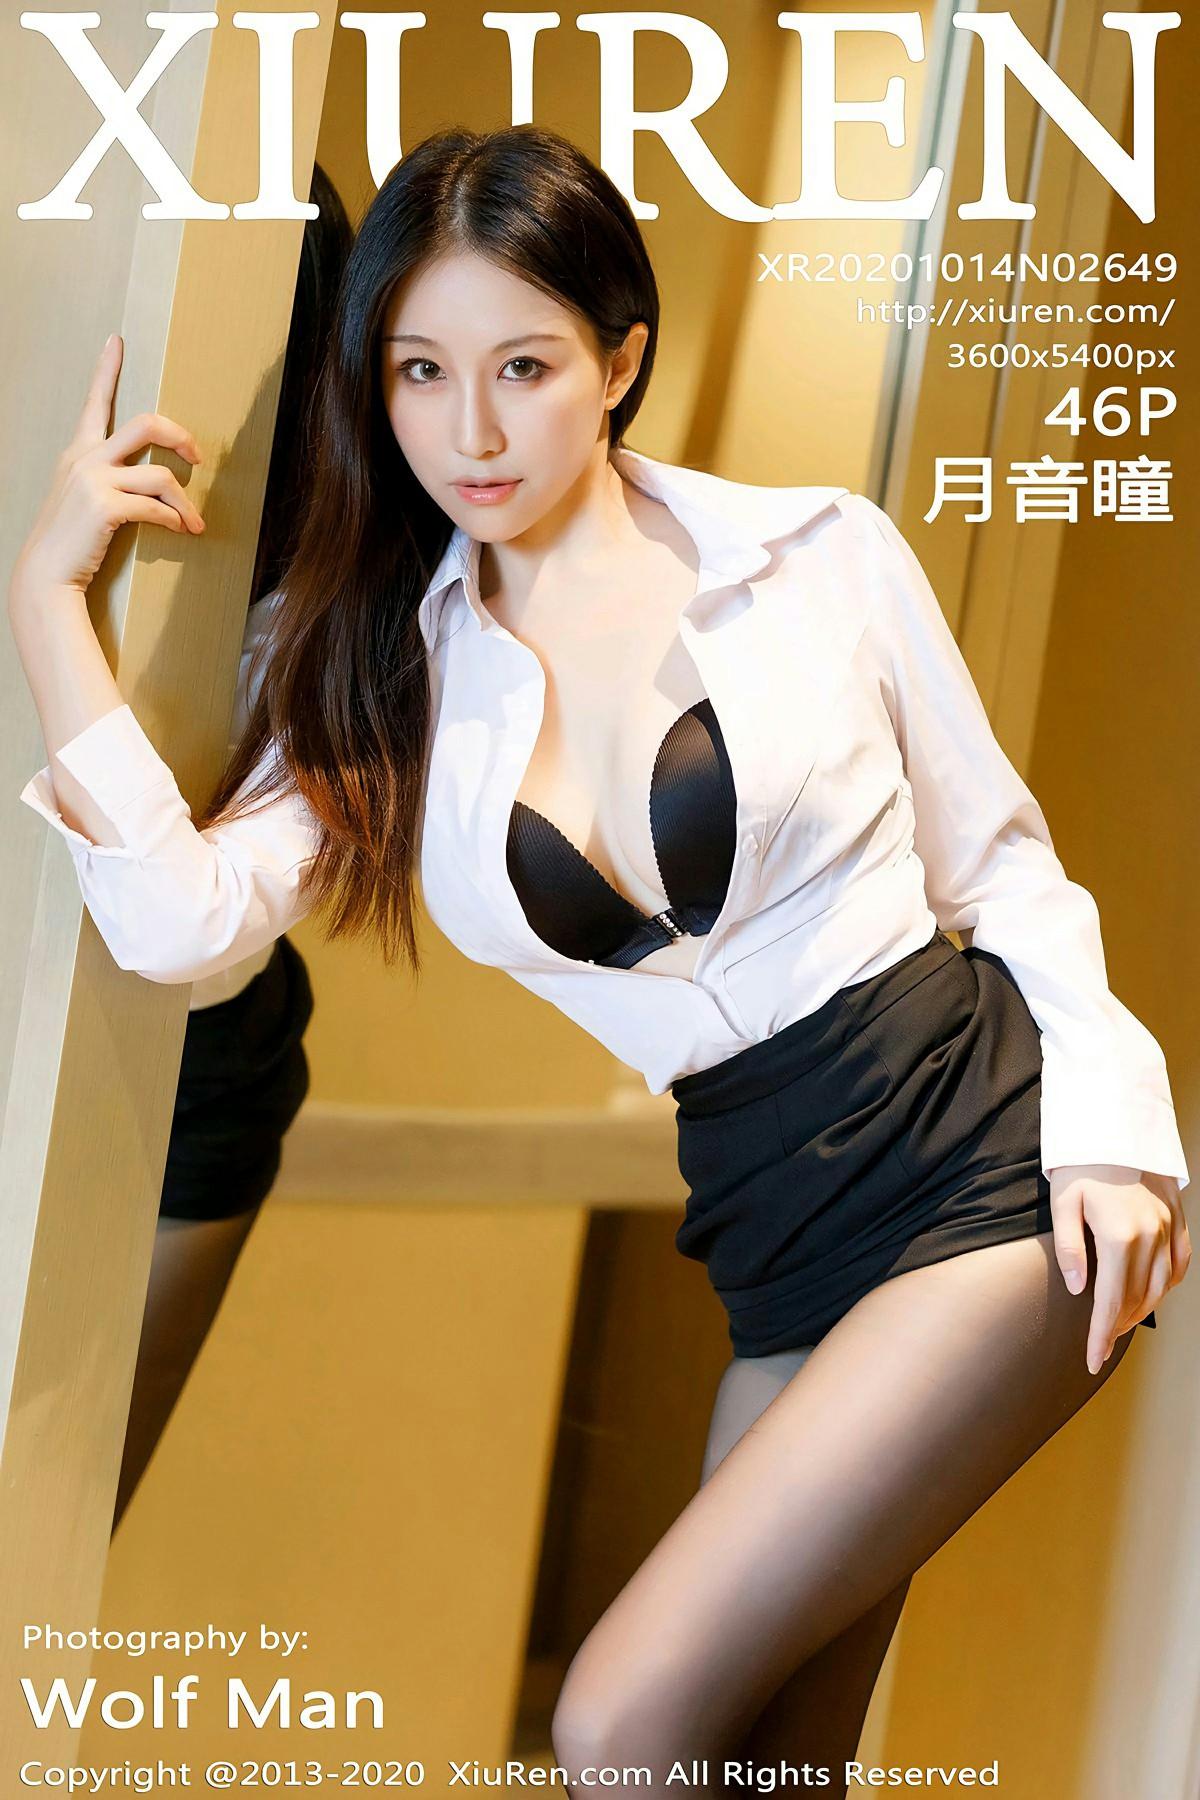 [XiuRen秀人网] 2020.10.14 No.2649 月音瞳 第1张